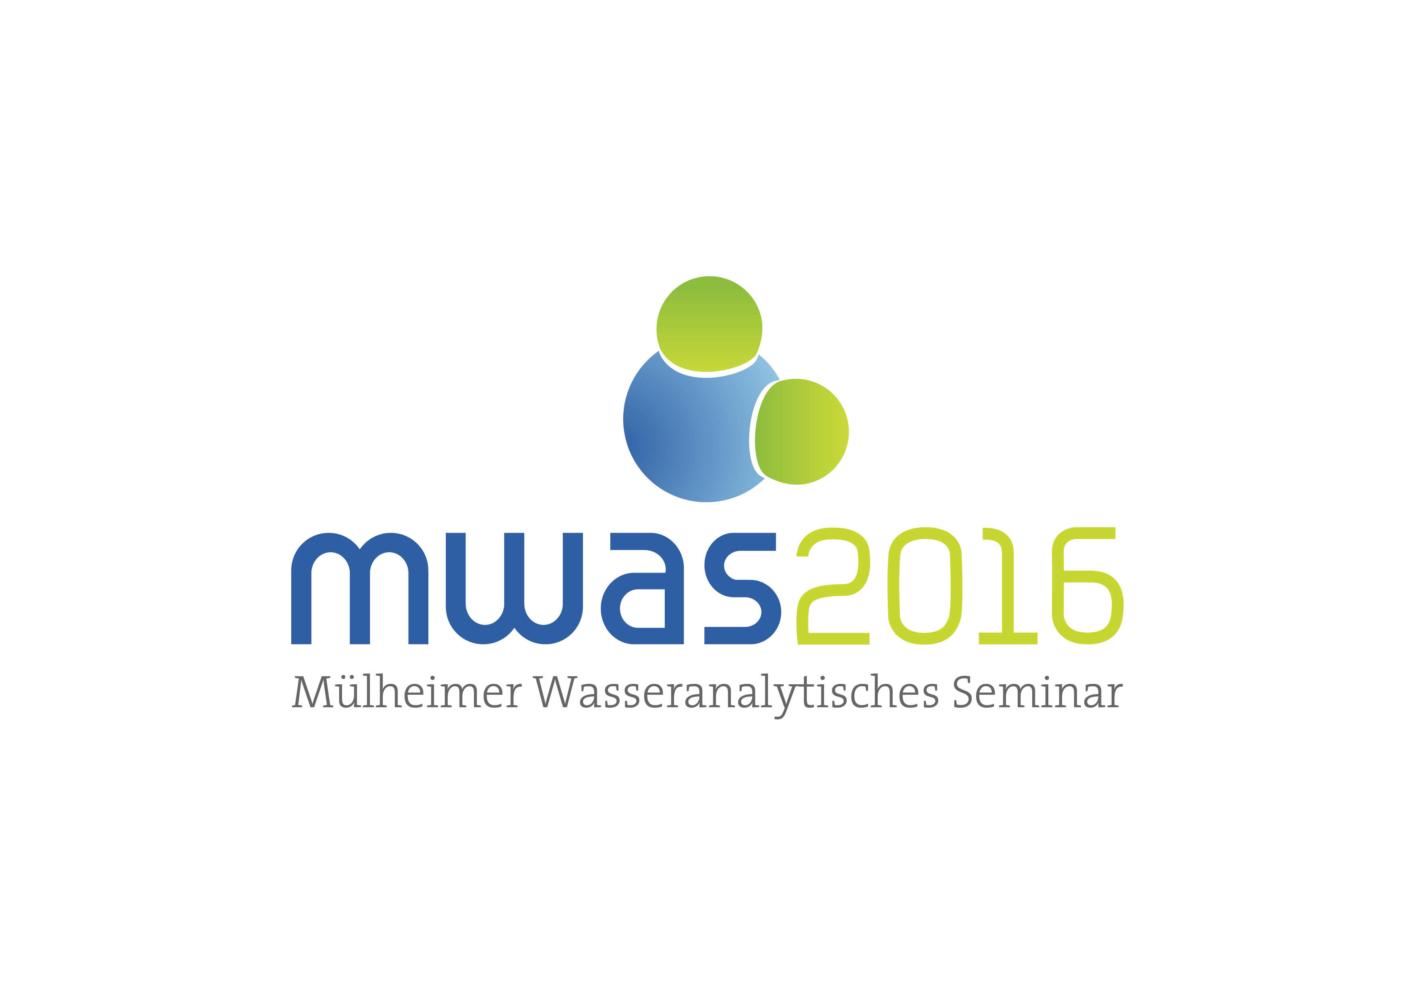 2. Wasseranalytisches Seminar (MWAS 2016): 14. bis 15. September 2016